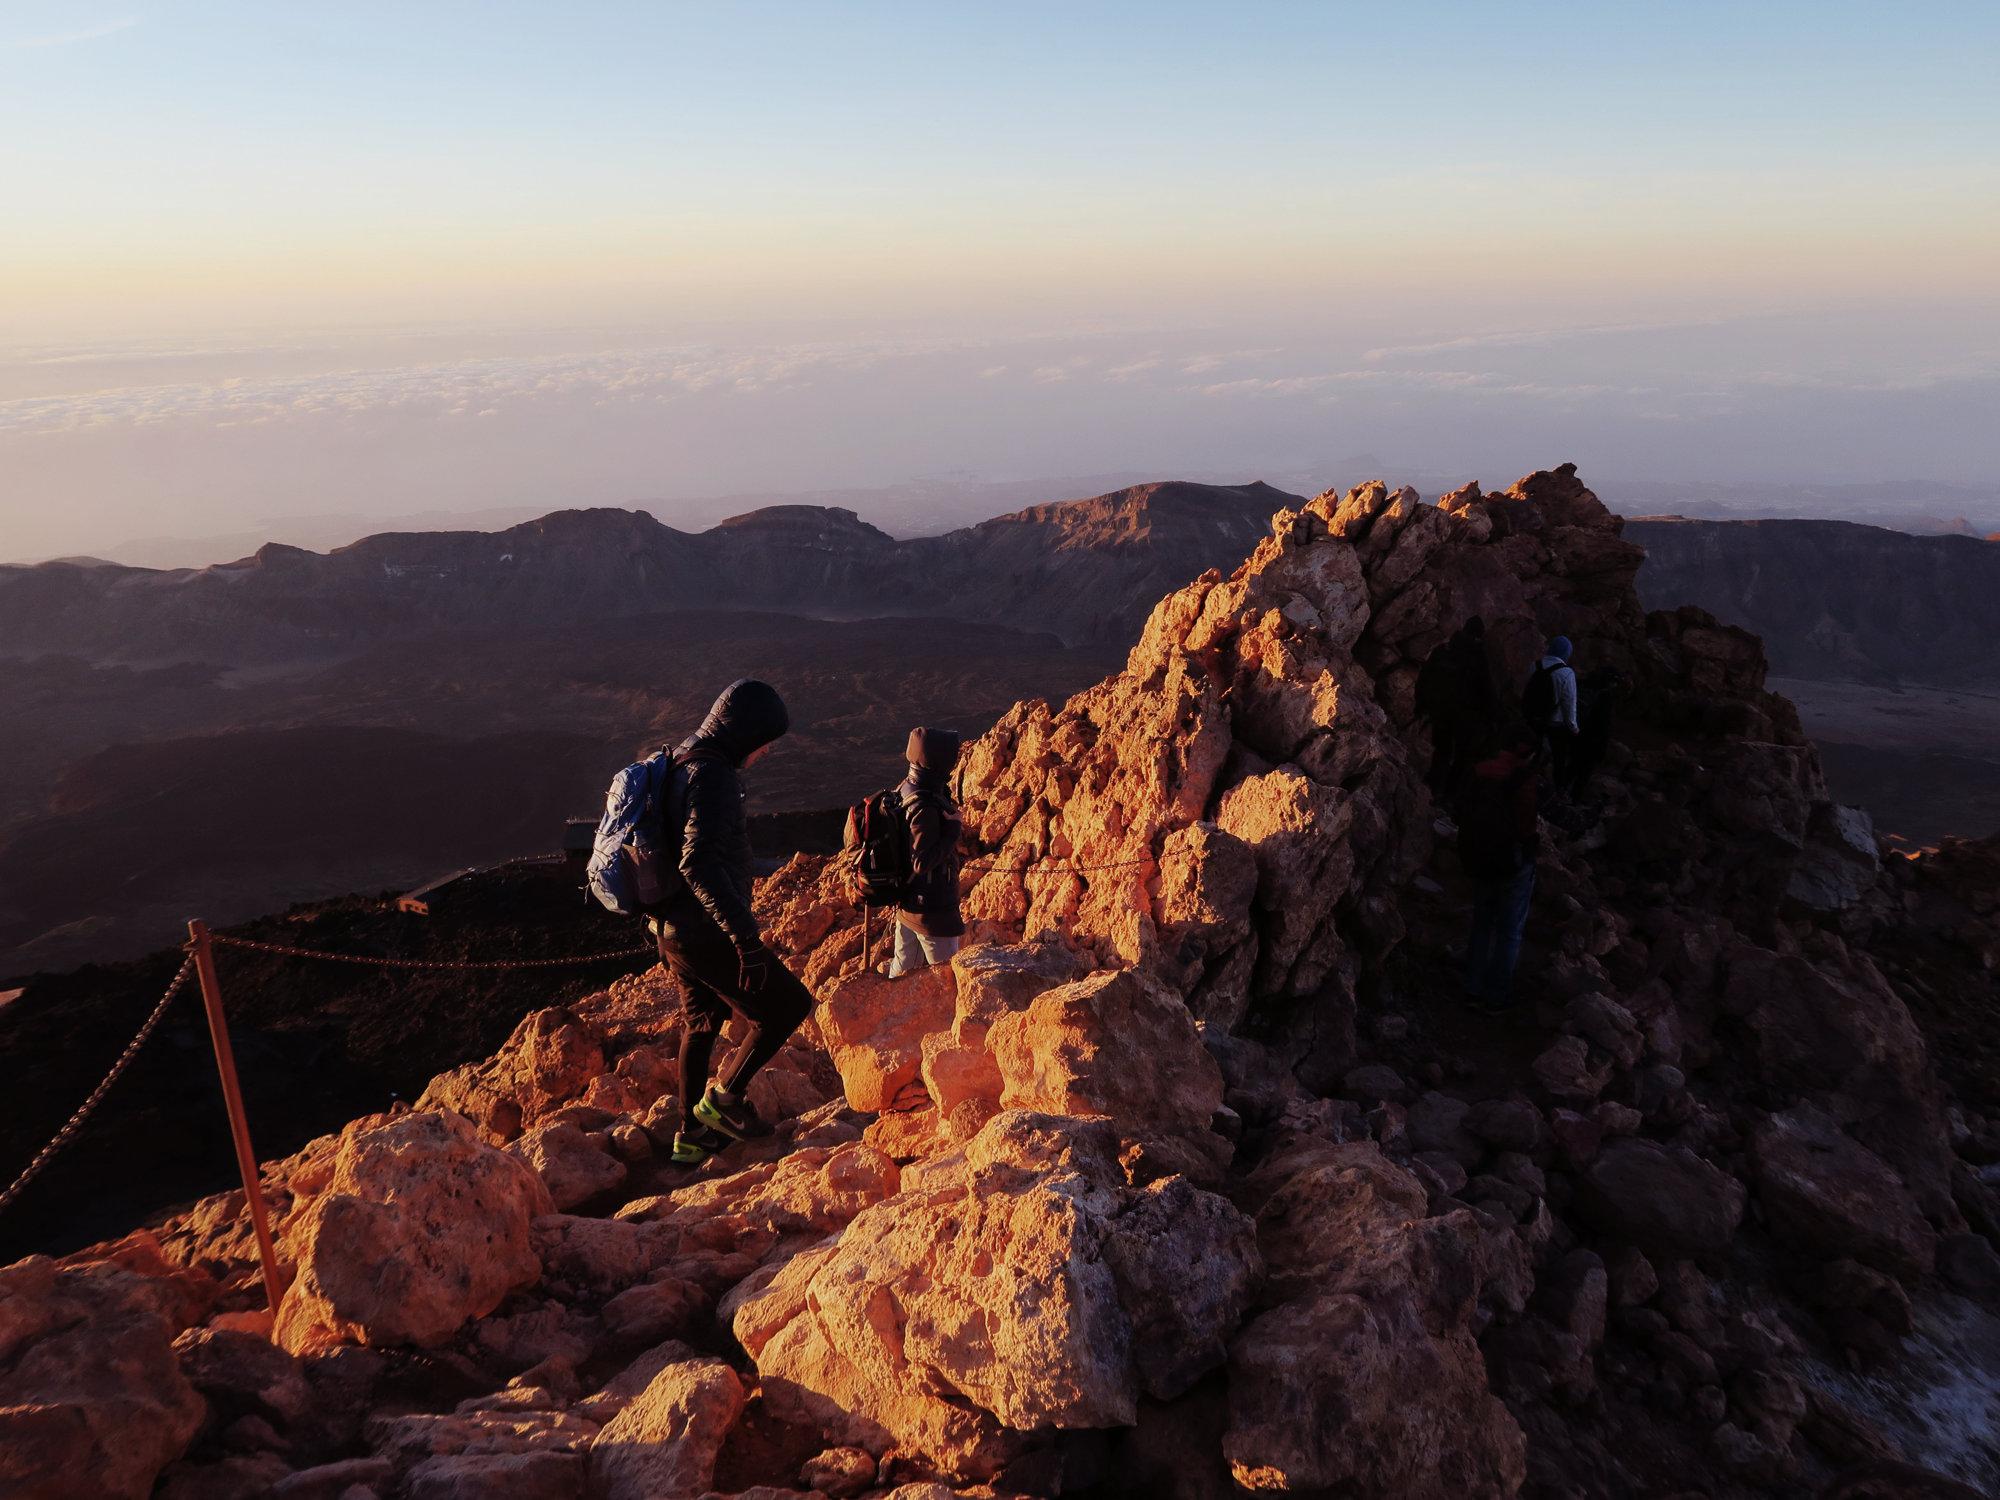 Der Abstieg vom Pico del Teide im goldenen Morgenlicht